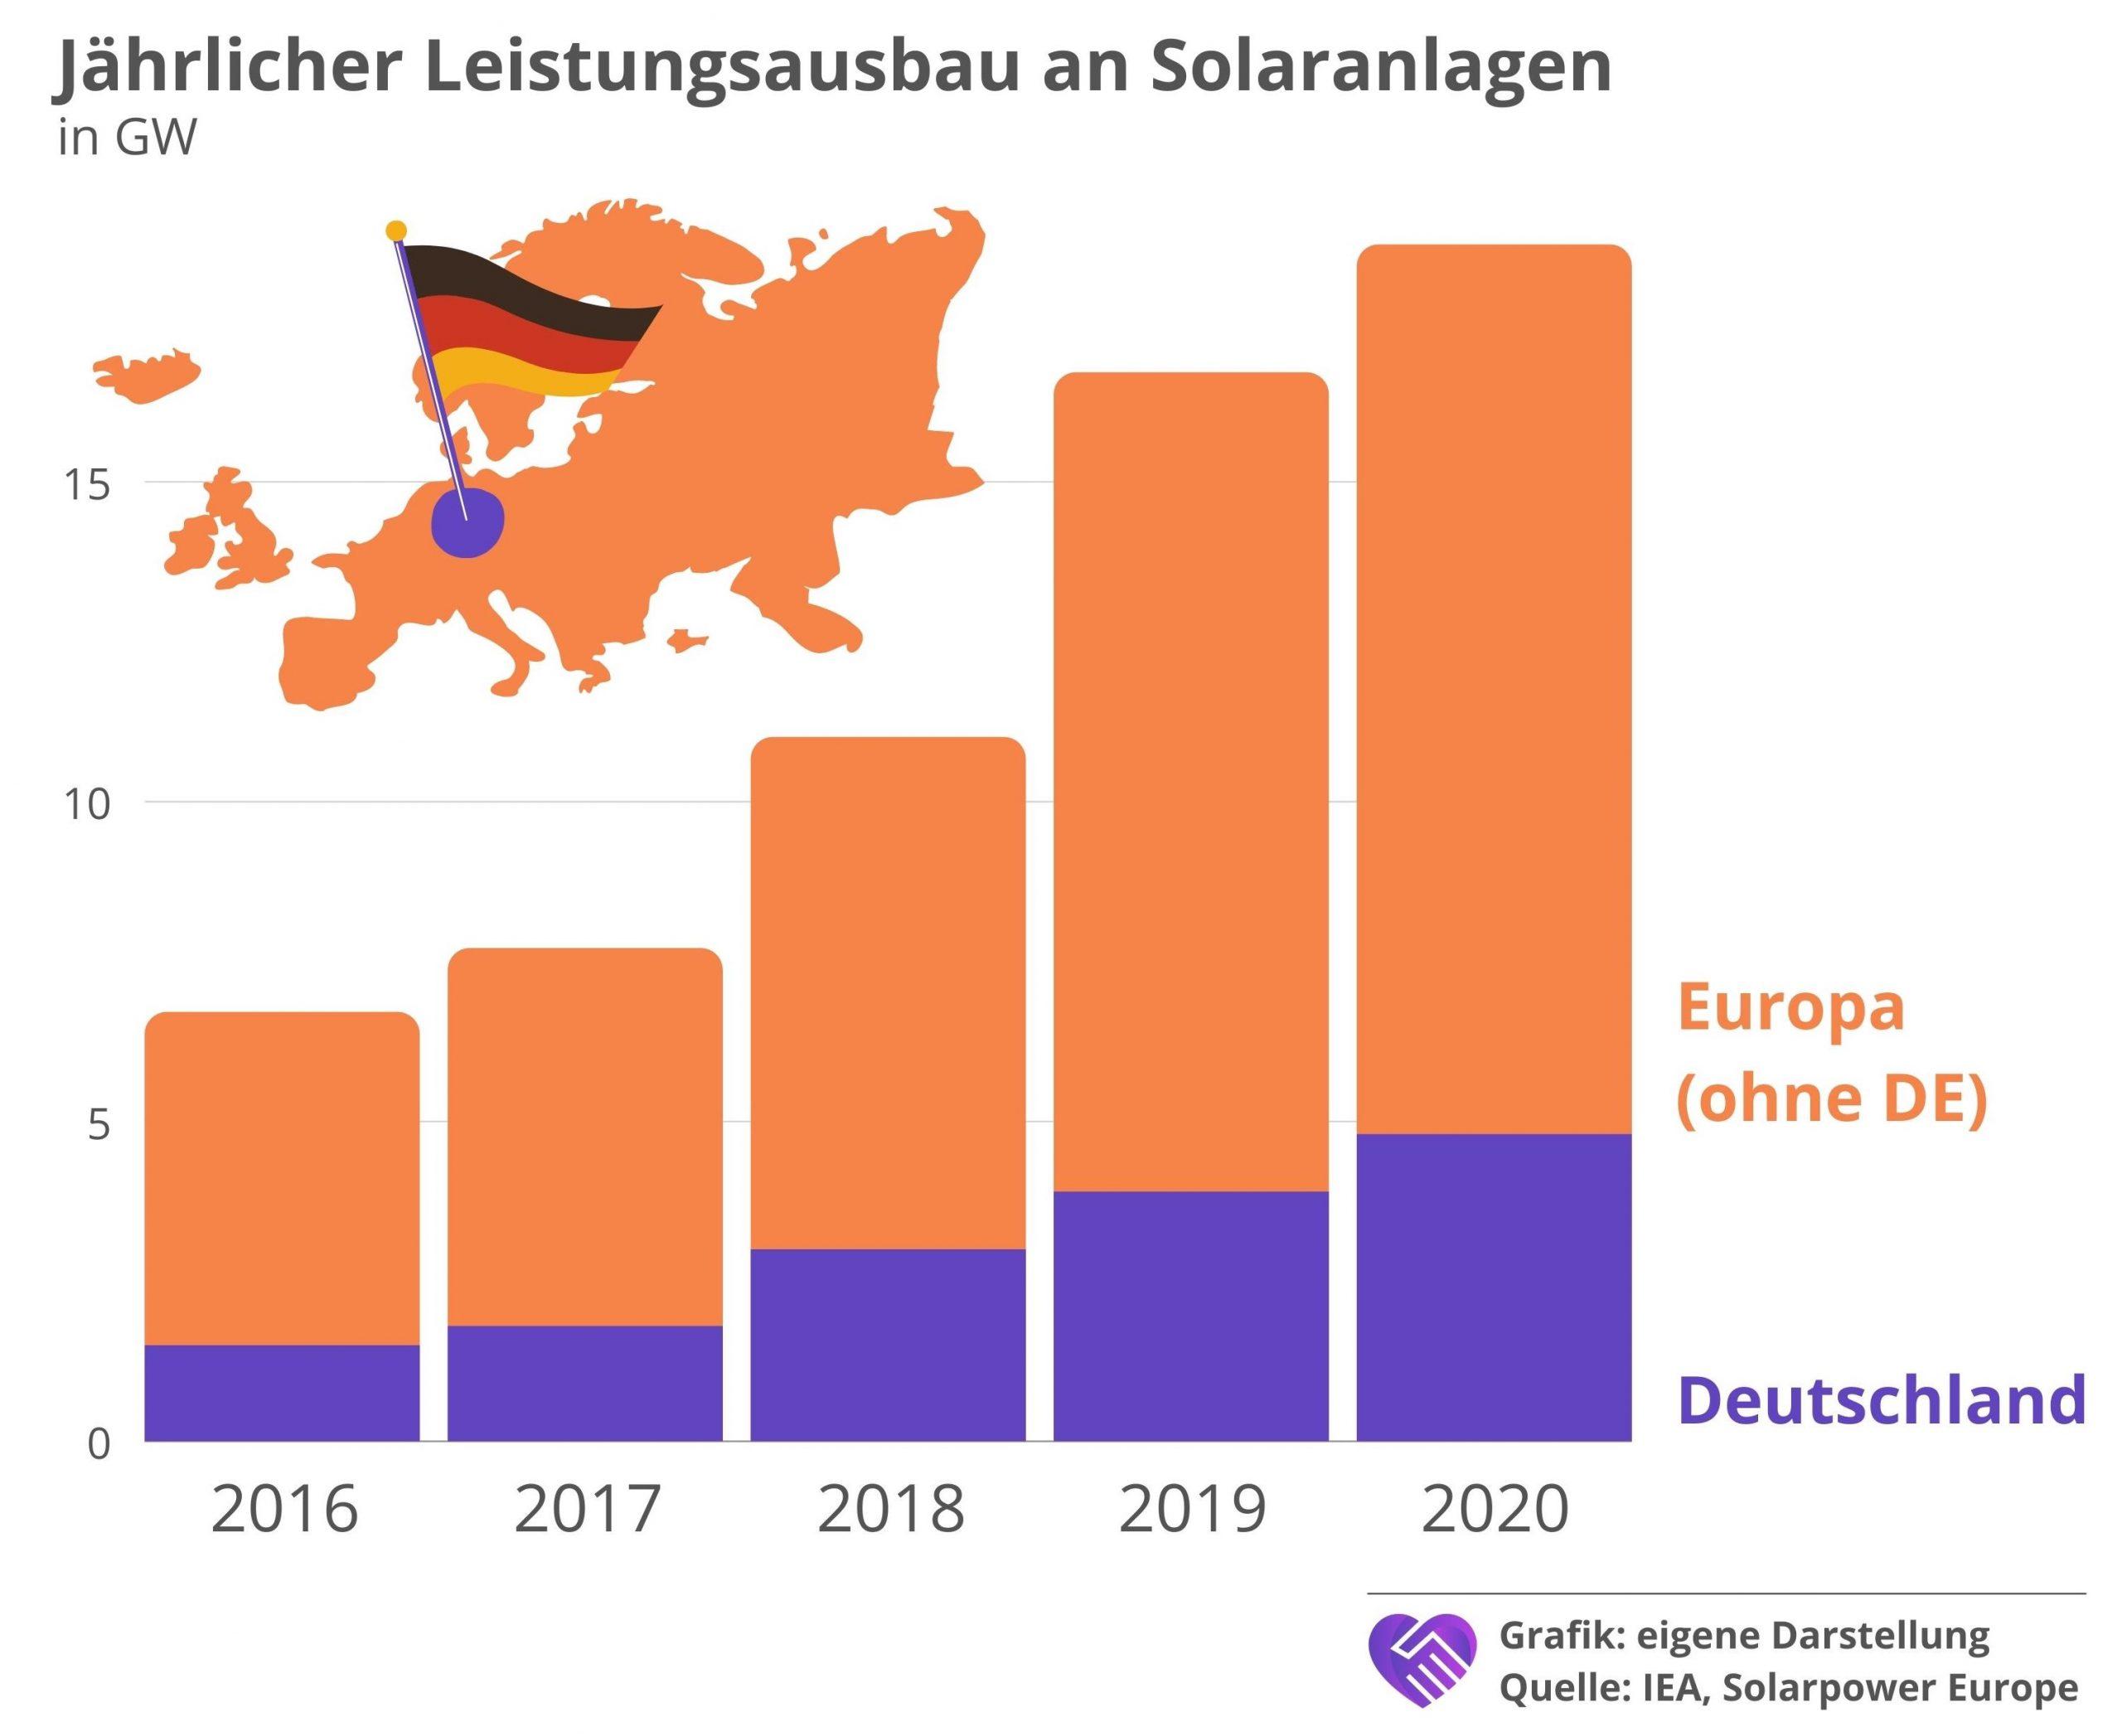 7C Solarparken Aktie Analyse Stromproduktion Ausbau Solaranlagen Deutschland Europa